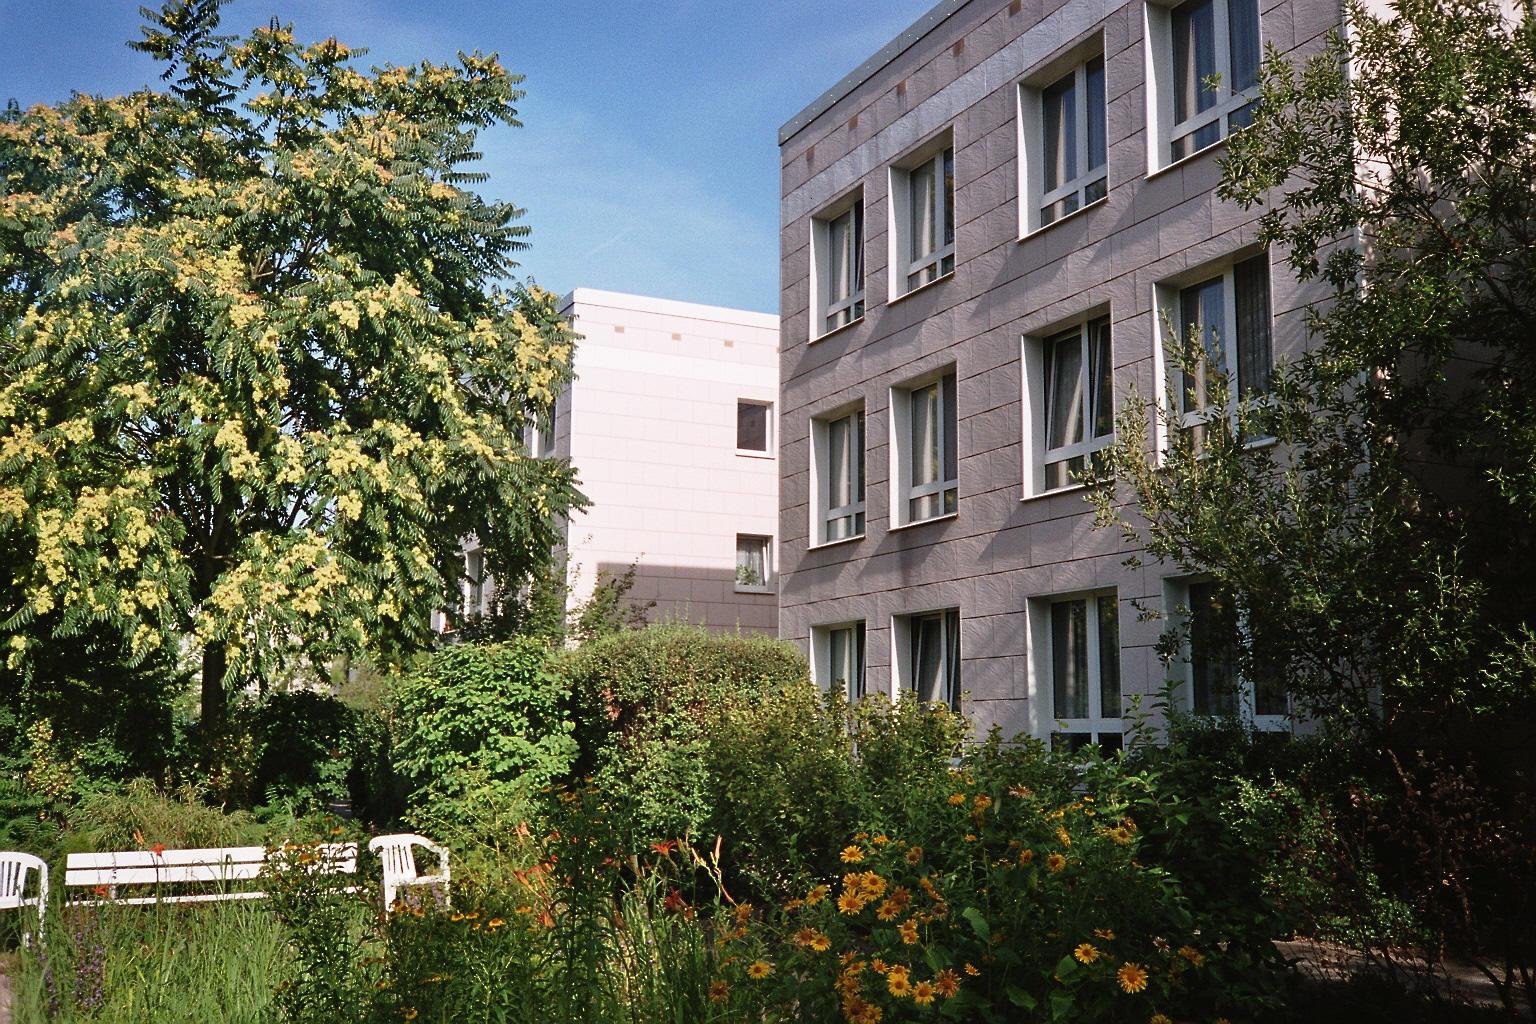 Tagespflegestätte - Wohnen mit Service in Hohenschönhausen